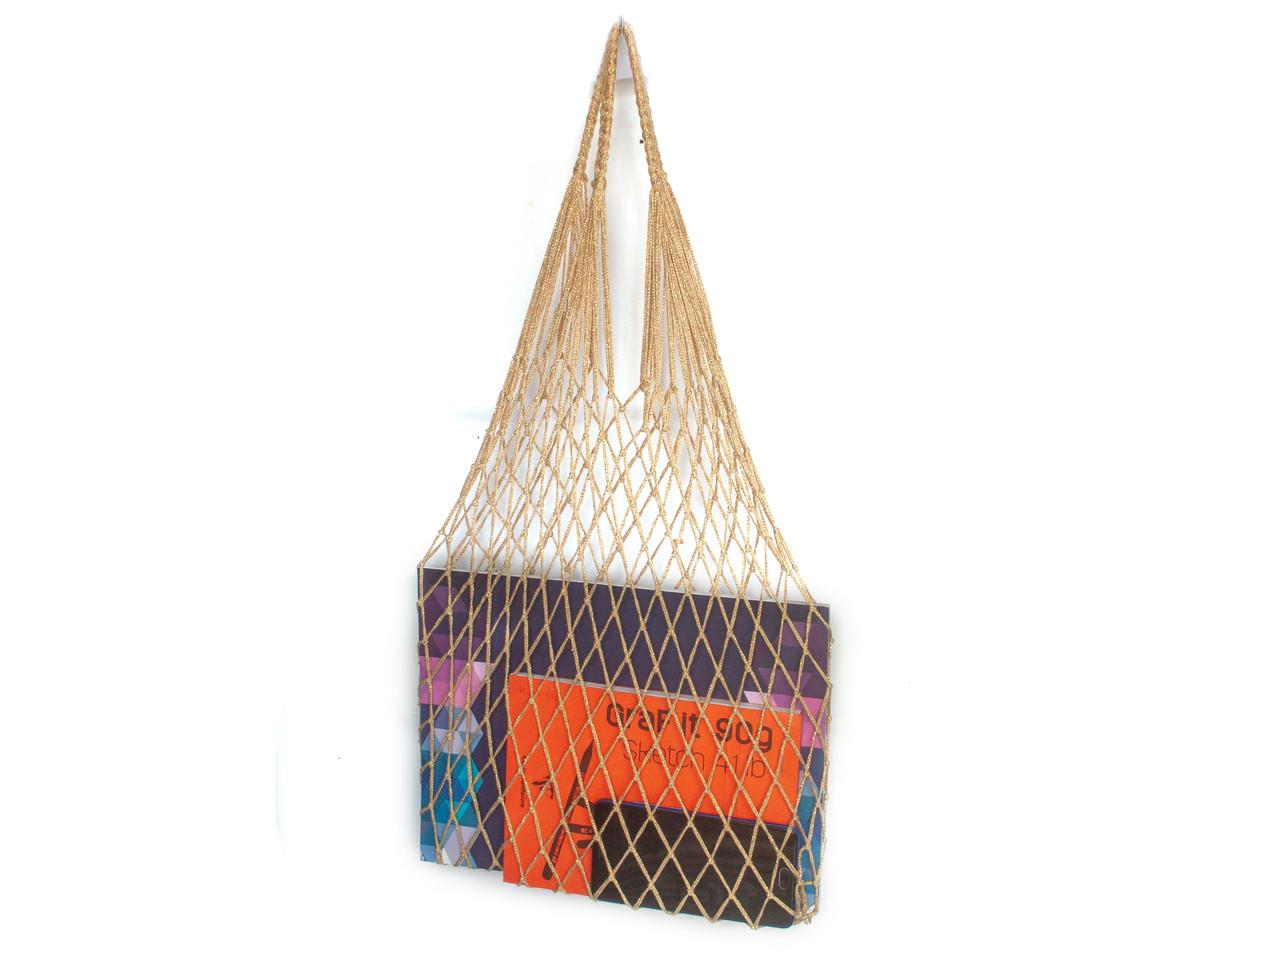 Сумка для вечеринок - Сумка на плечо-  Авоська - Золото - Подарочная сумка